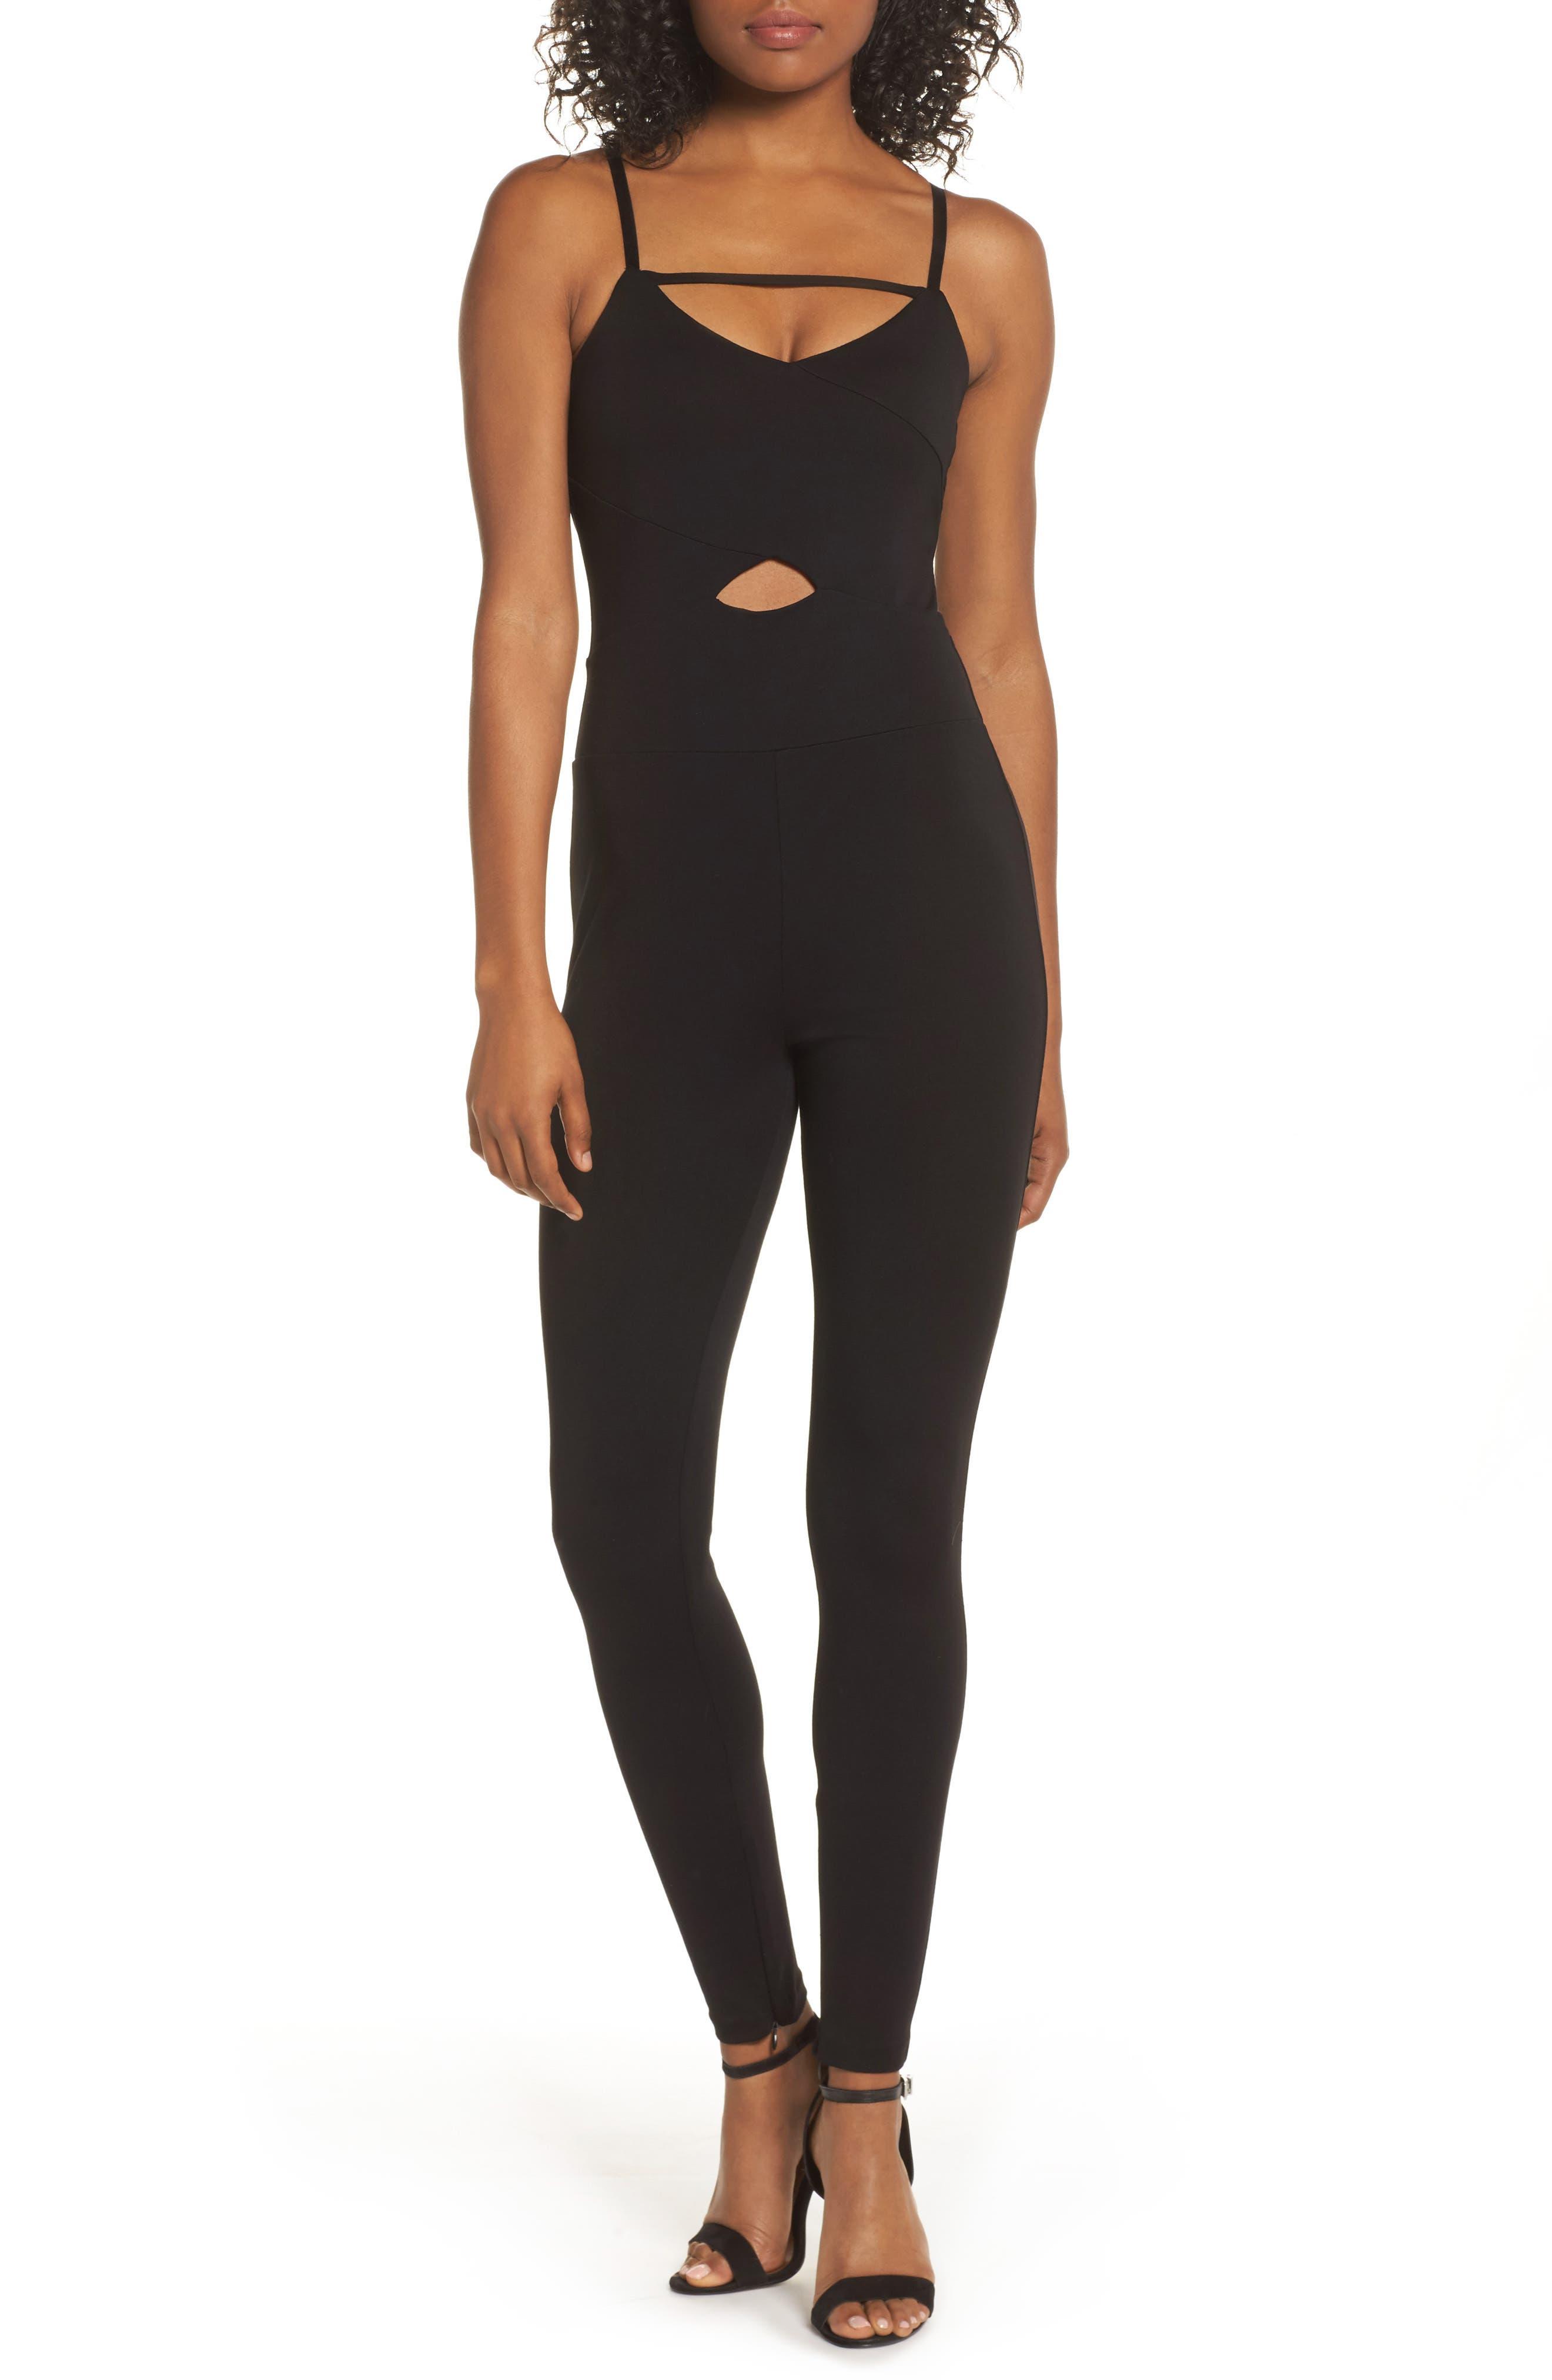 Femme Fatale Cutout Jumpsuit,                         Main,                         color, Black